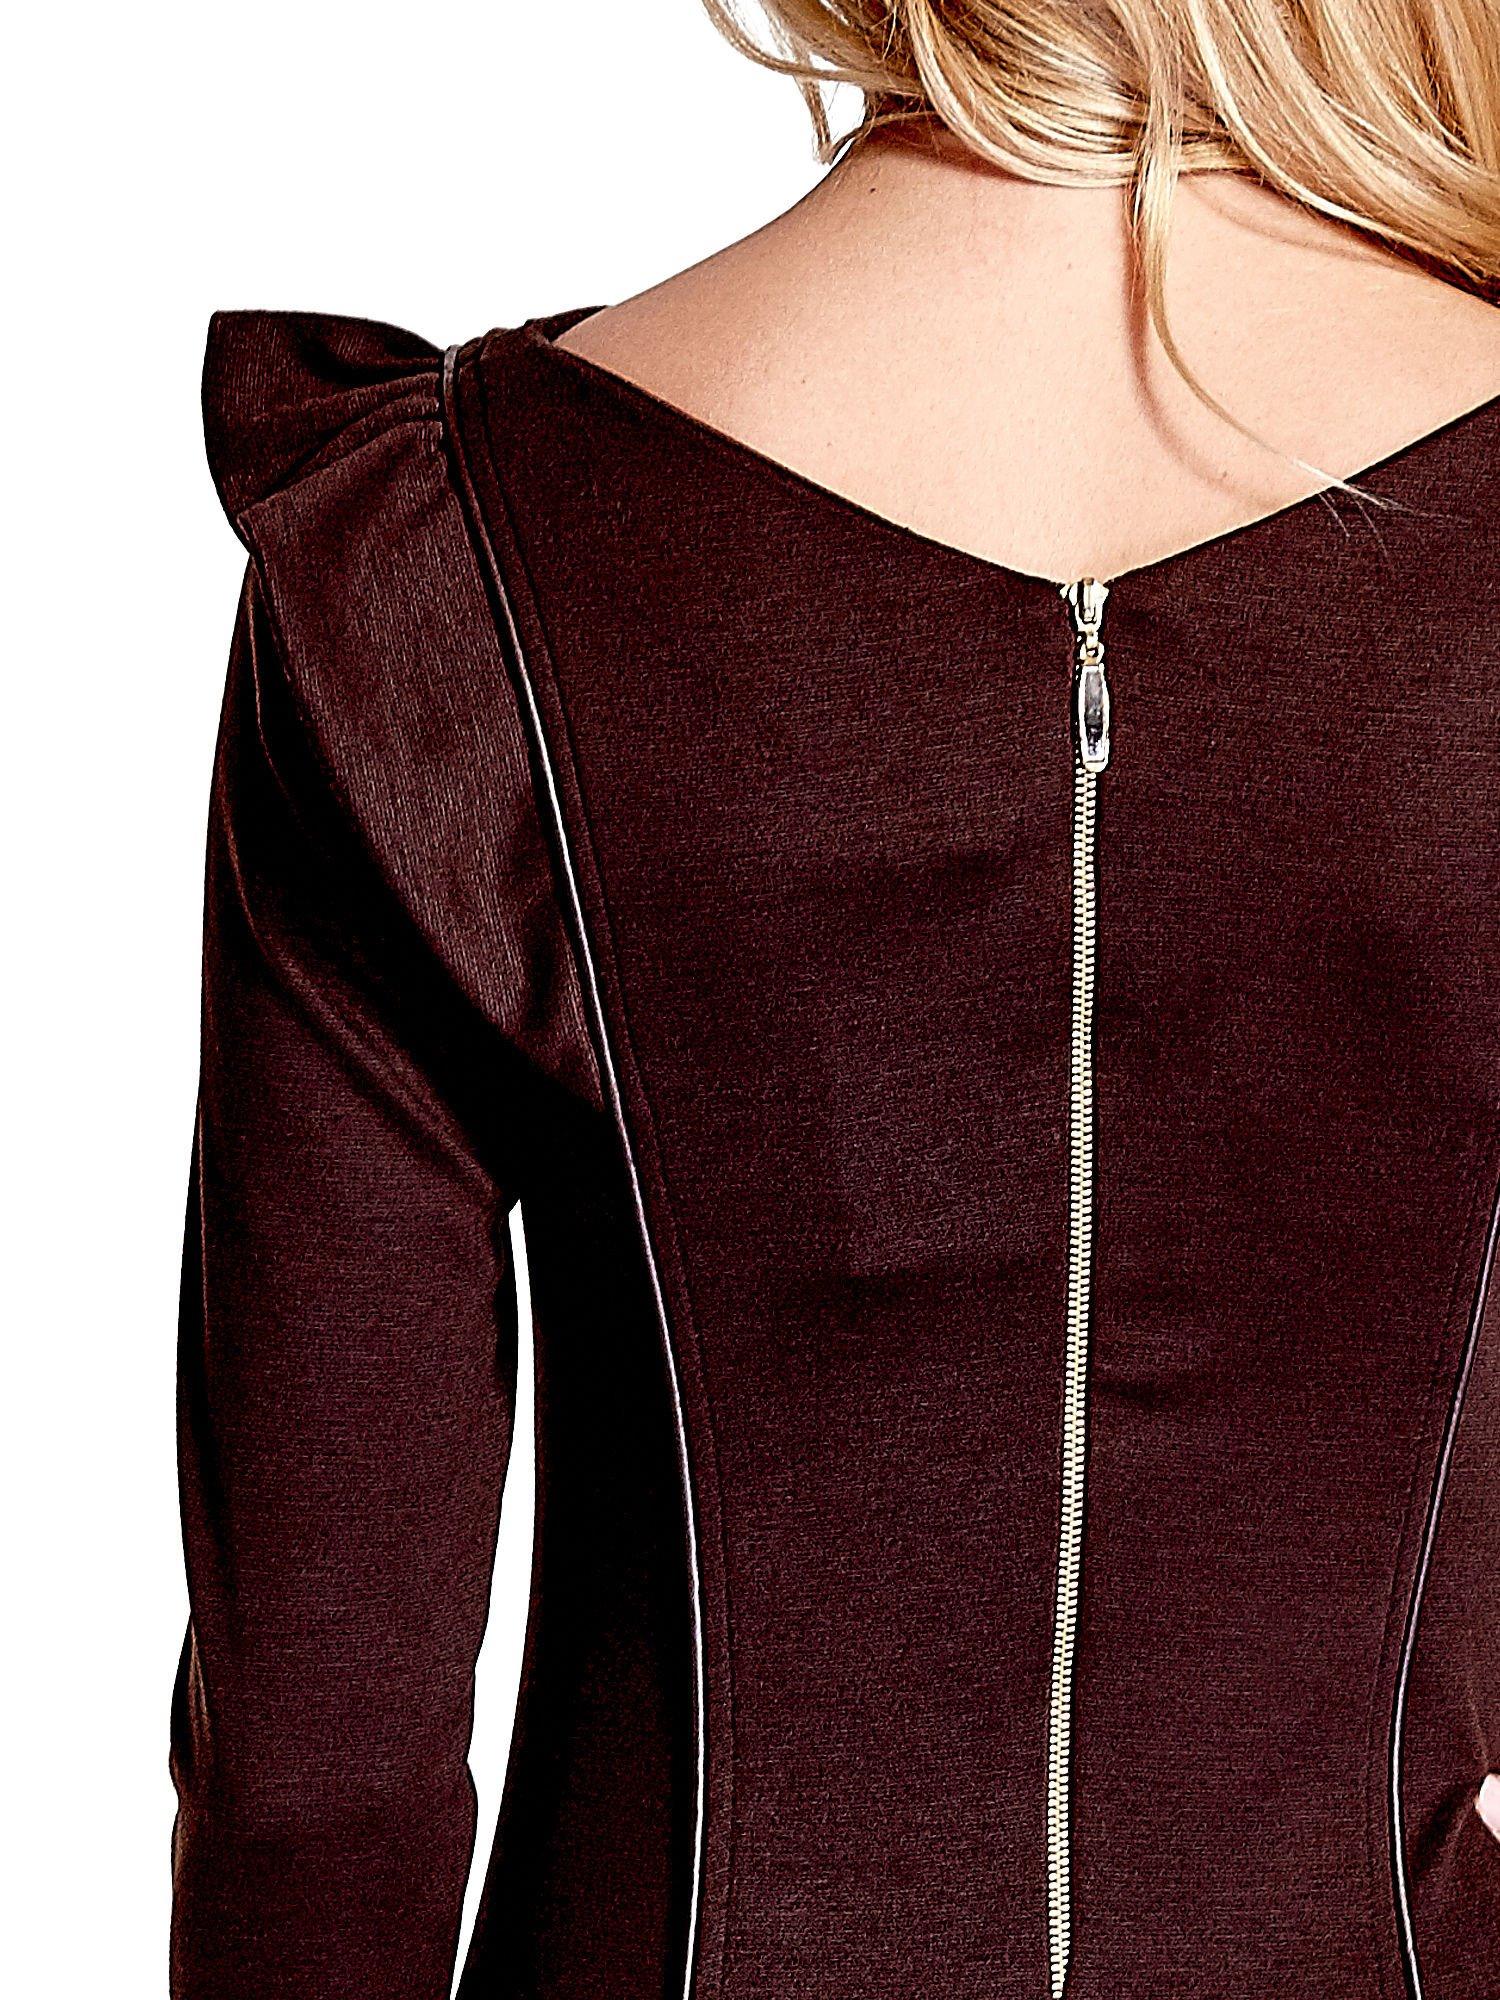 Brązowa sukienka z falbanami na ramionach                                  zdj.                                  6